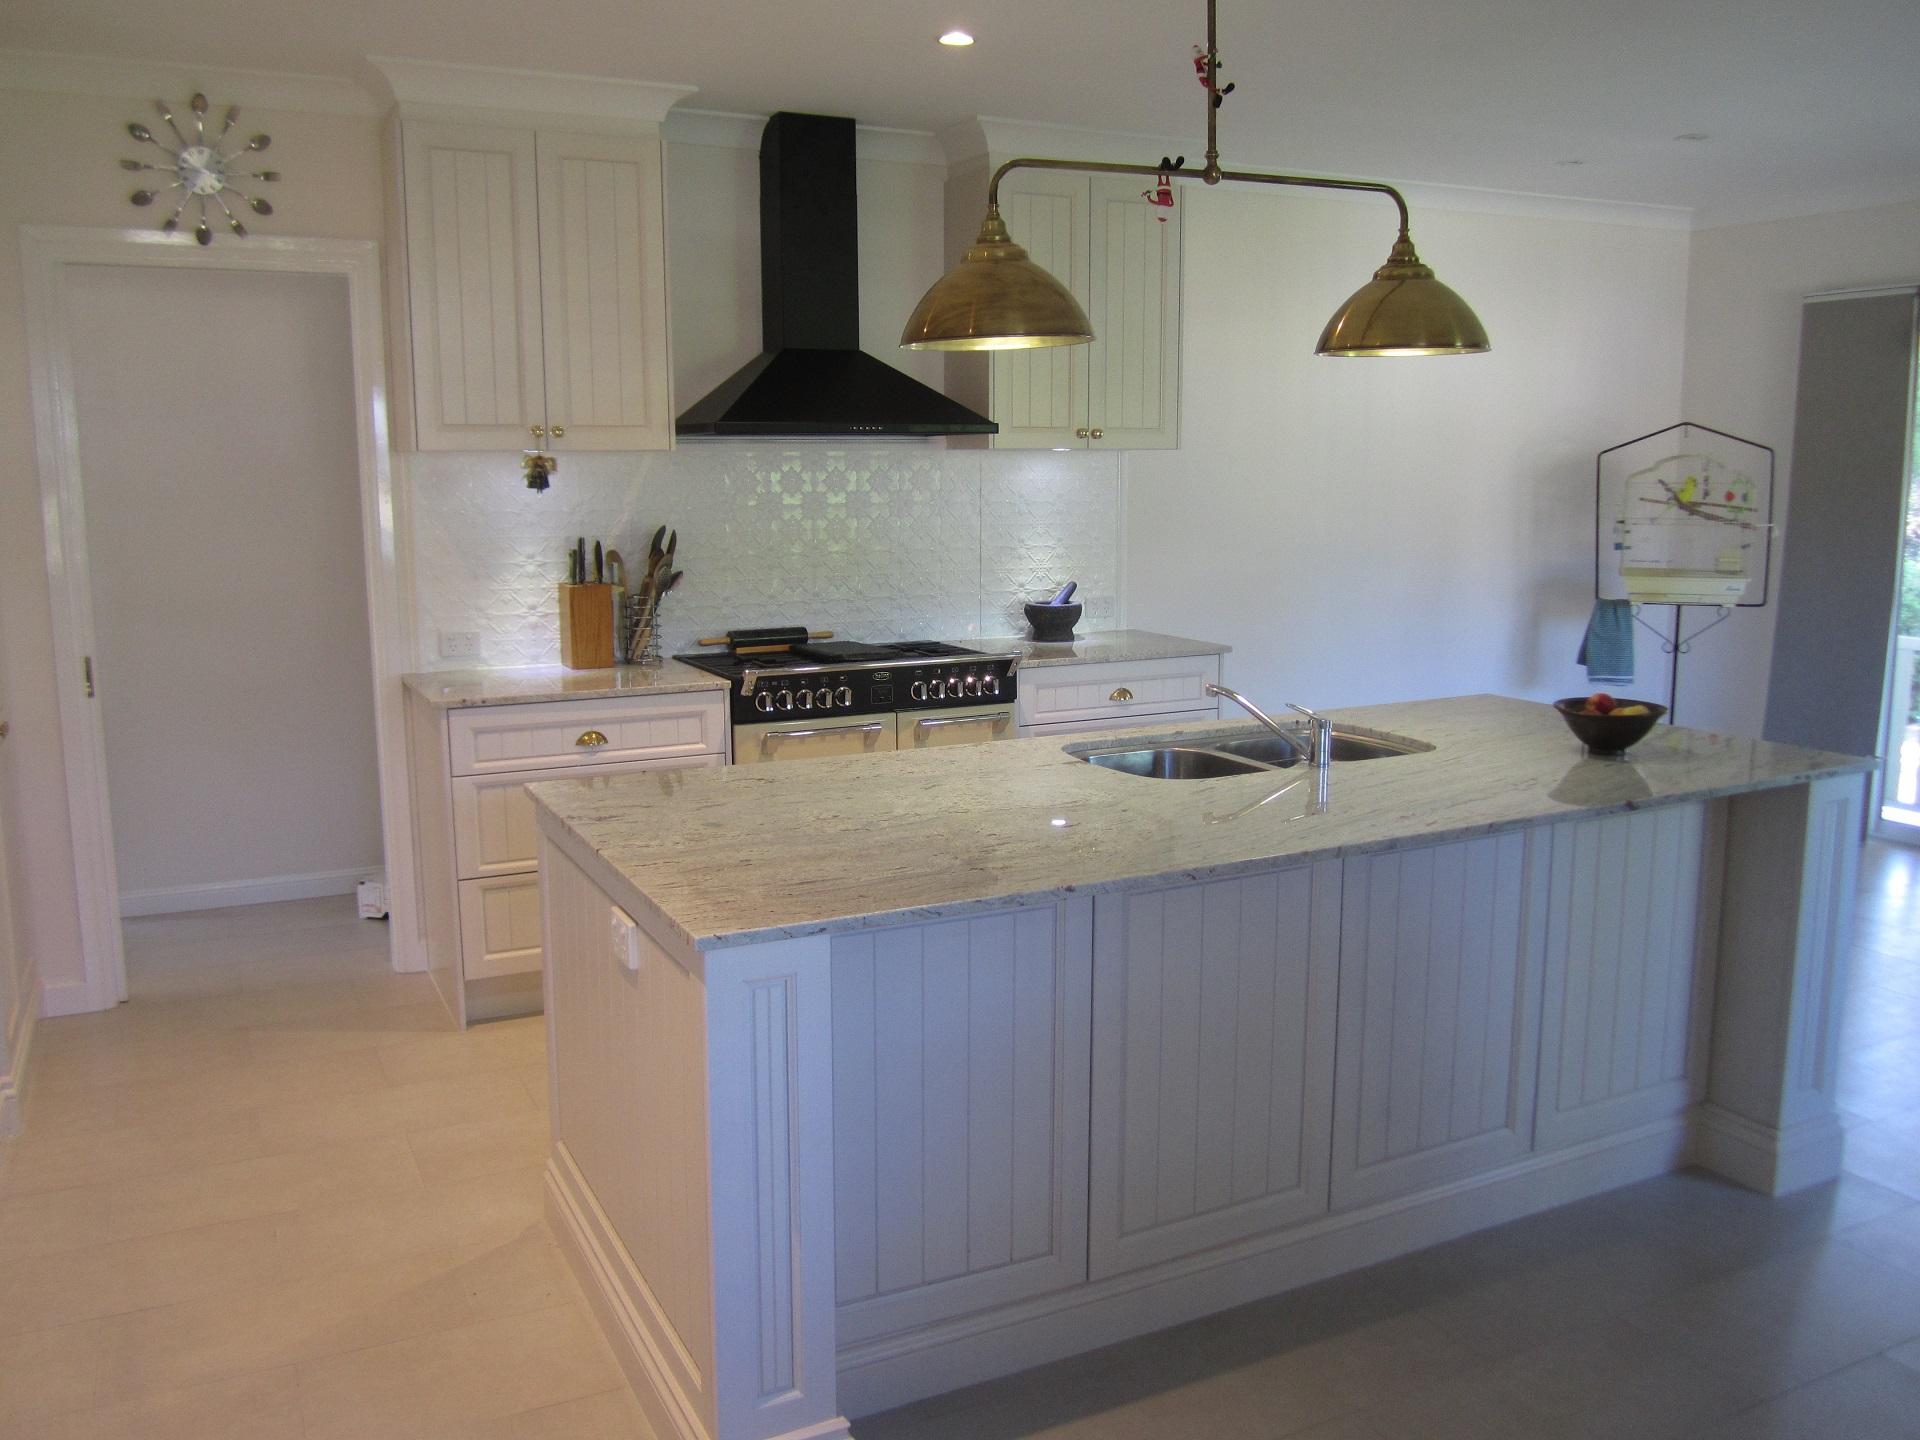 brisbane-kitchen-design-brookfield-shaker-vj-traditional-kitchen9